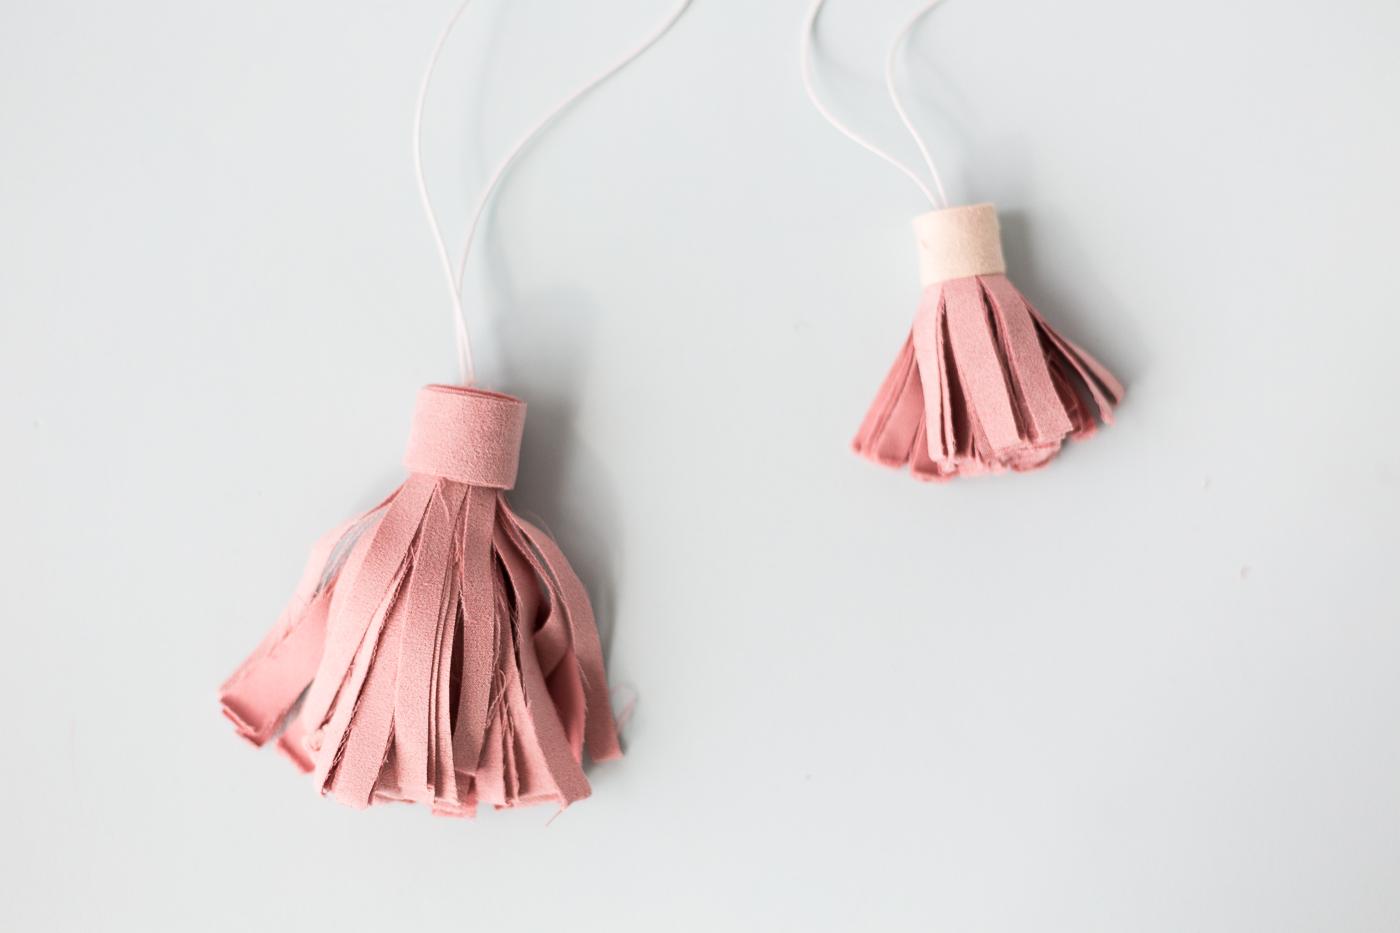 DIY Hanging Suede Tassels